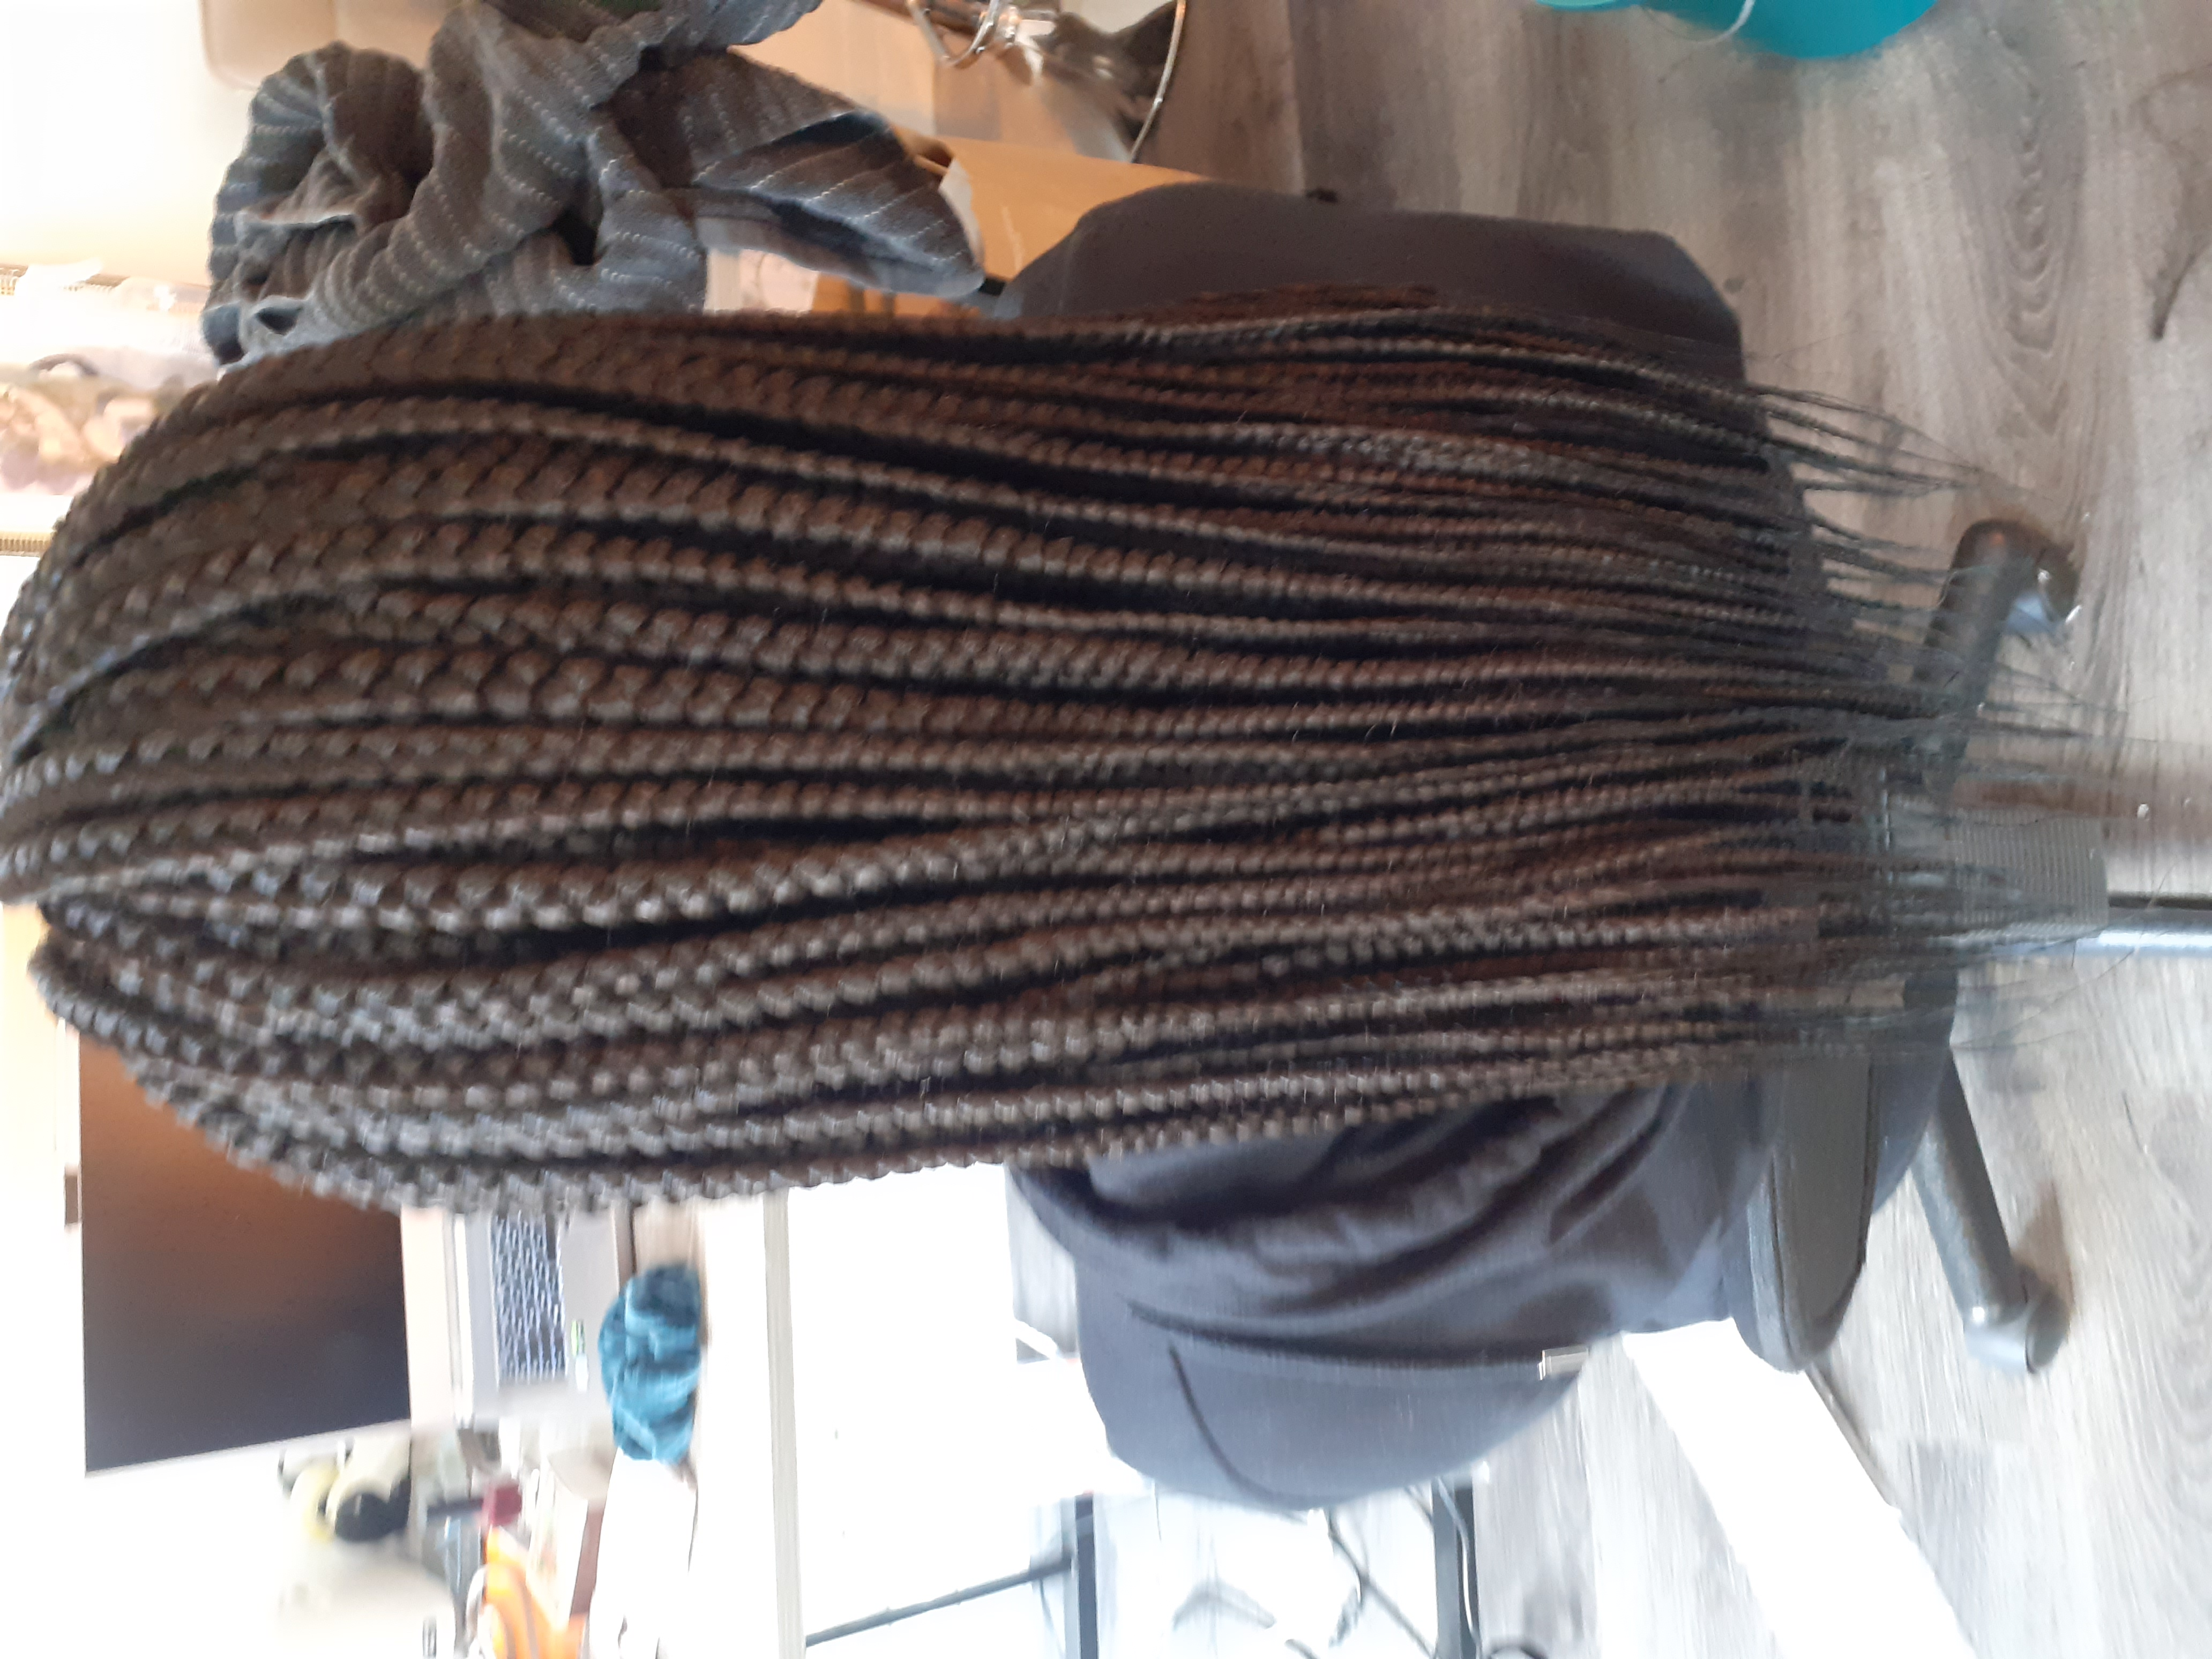 salon de coiffure afro tresse tresses box braids crochet braids vanilles tissages paris 75 77 78 91 92 93 94 95 XPSJRIJY